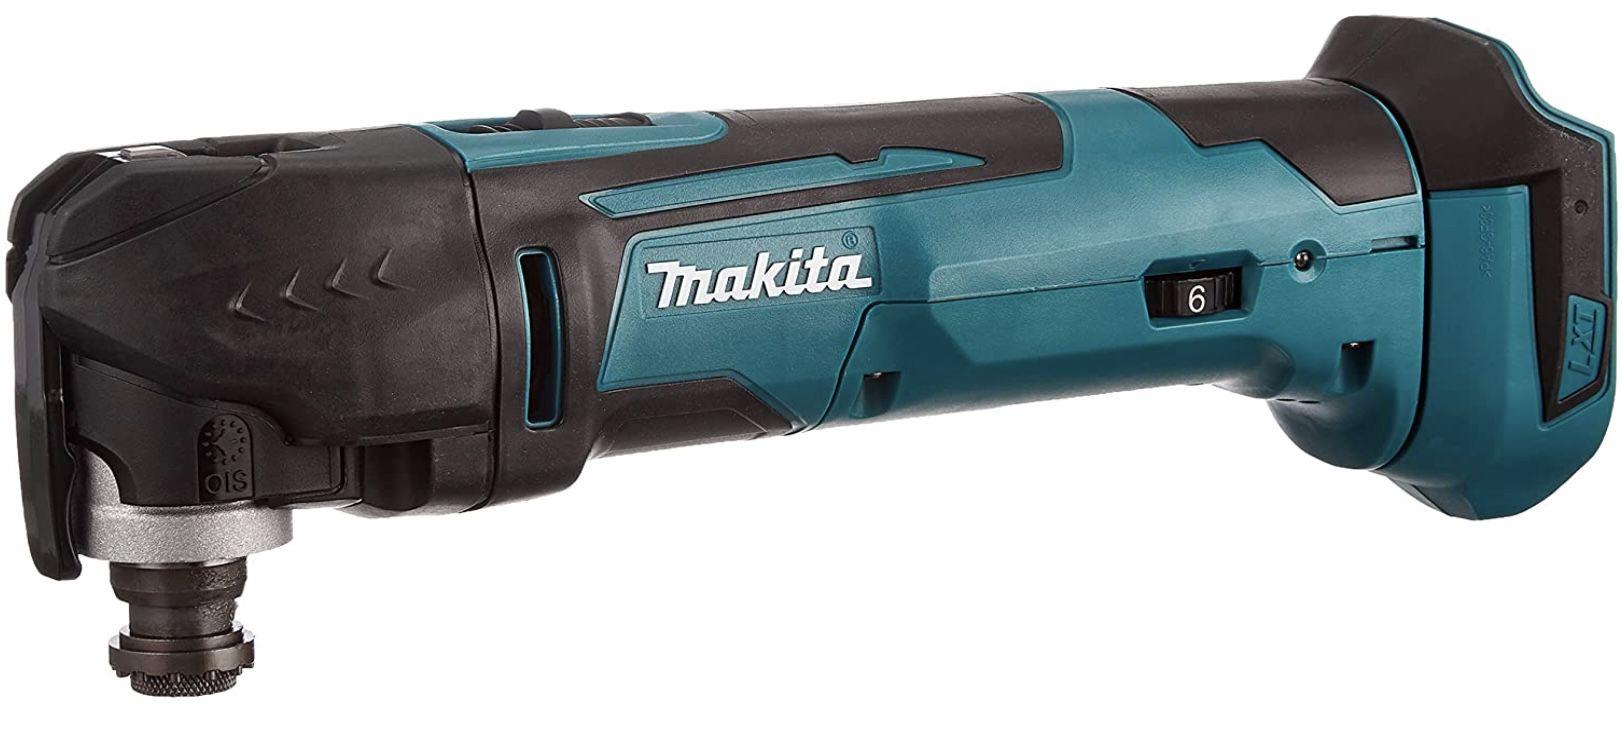 Makita Multifunktionswerkzeug ohne Akku, ohne Ladegerät, ohne Zubehör für 90,47€ (statt 105€)